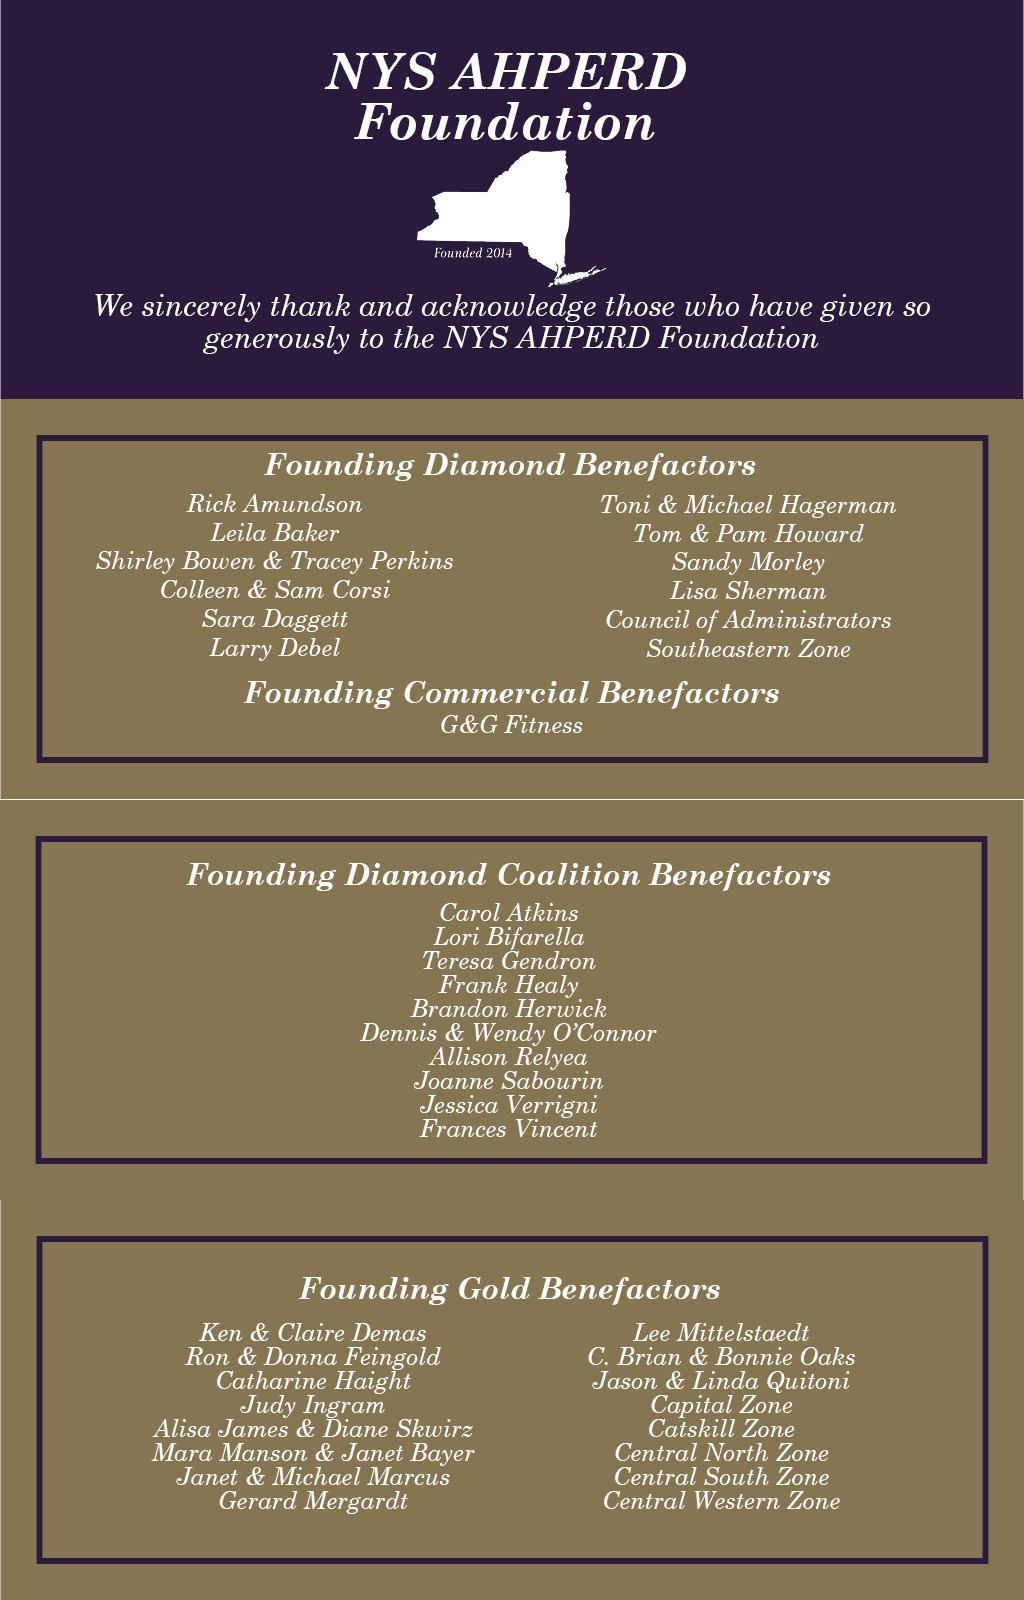 Foundation Web Page Benefactors FIX (002)